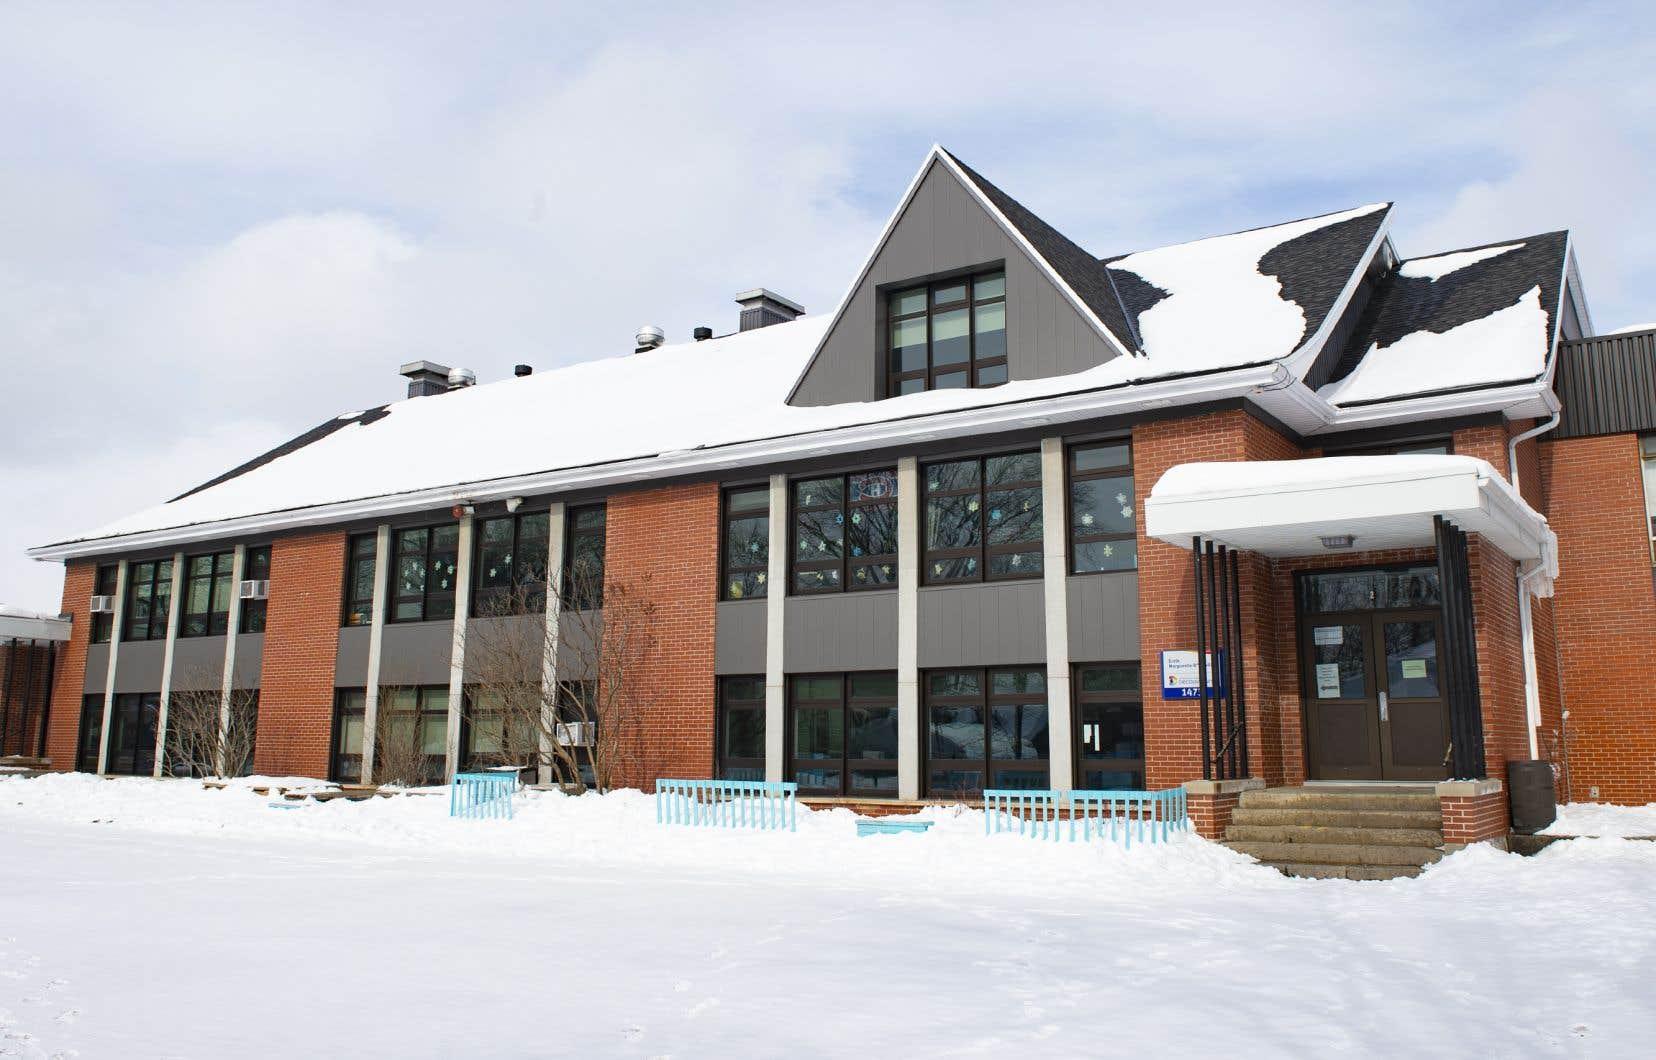 Trois classes étaient déjà fermées depuis le 9 février en raison de six cas de COVID-19. La fermeture complète entraîne la fermeture de 11 classes supplémentaires.